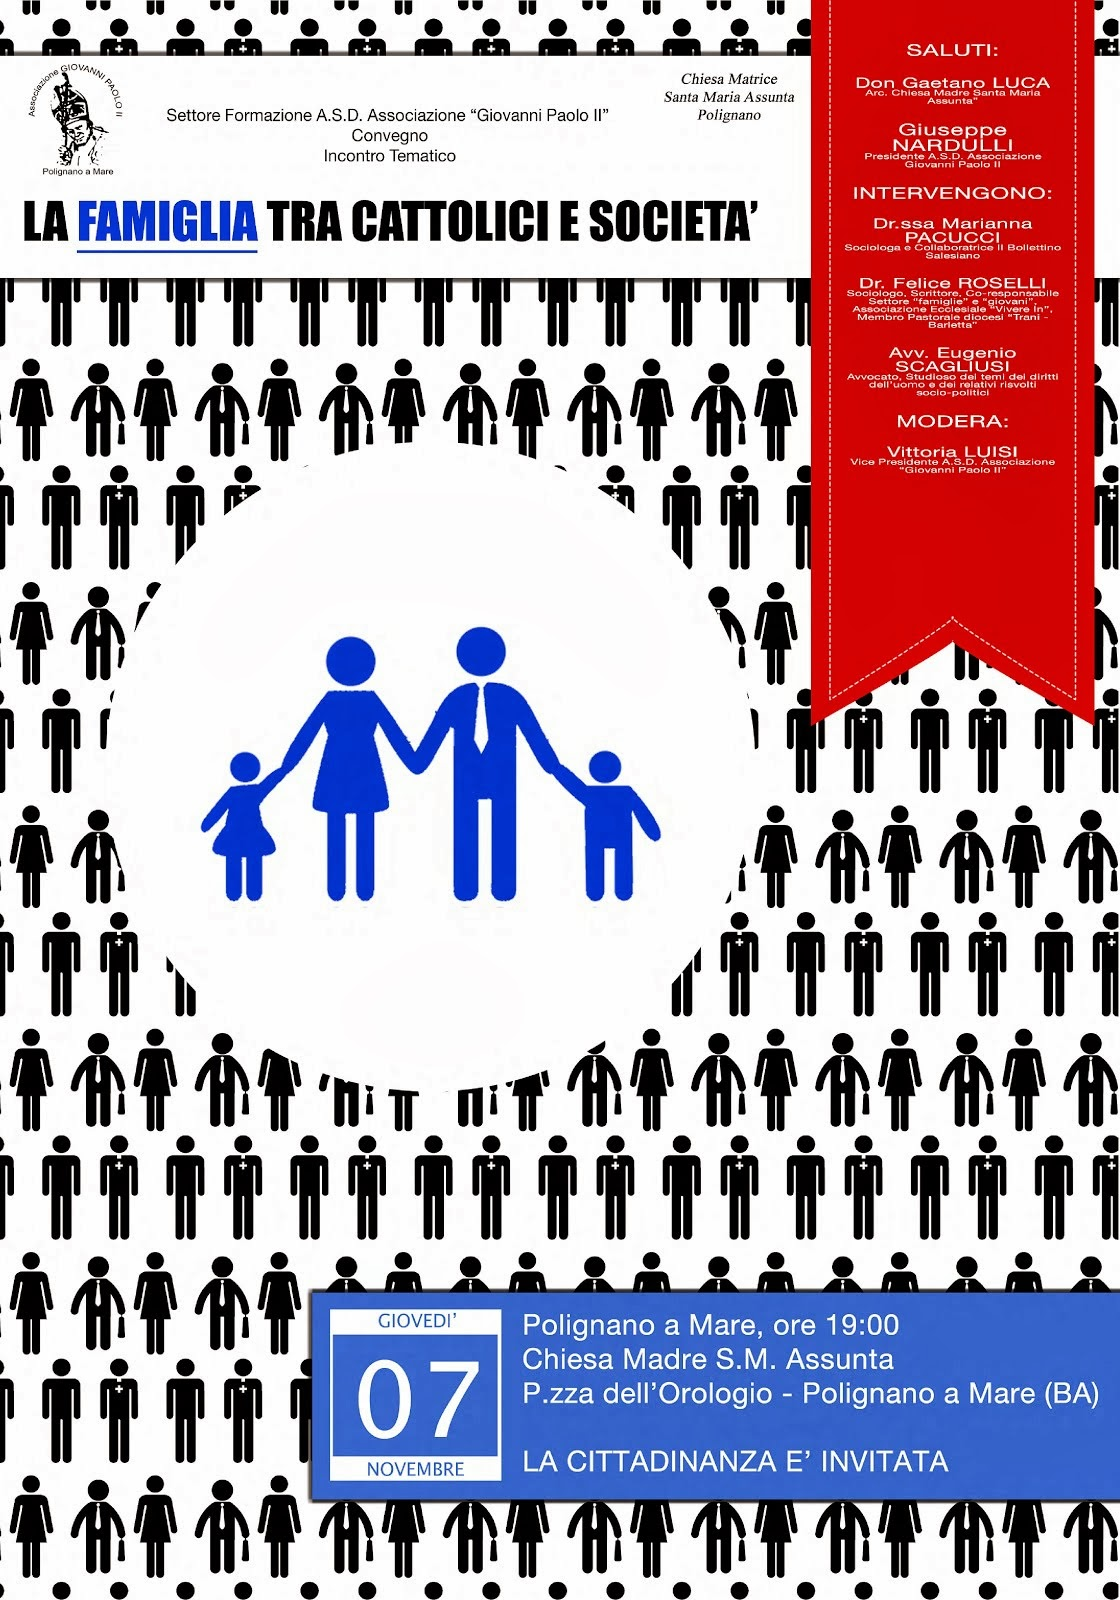 La Famiglia, tra Cattolici e Società